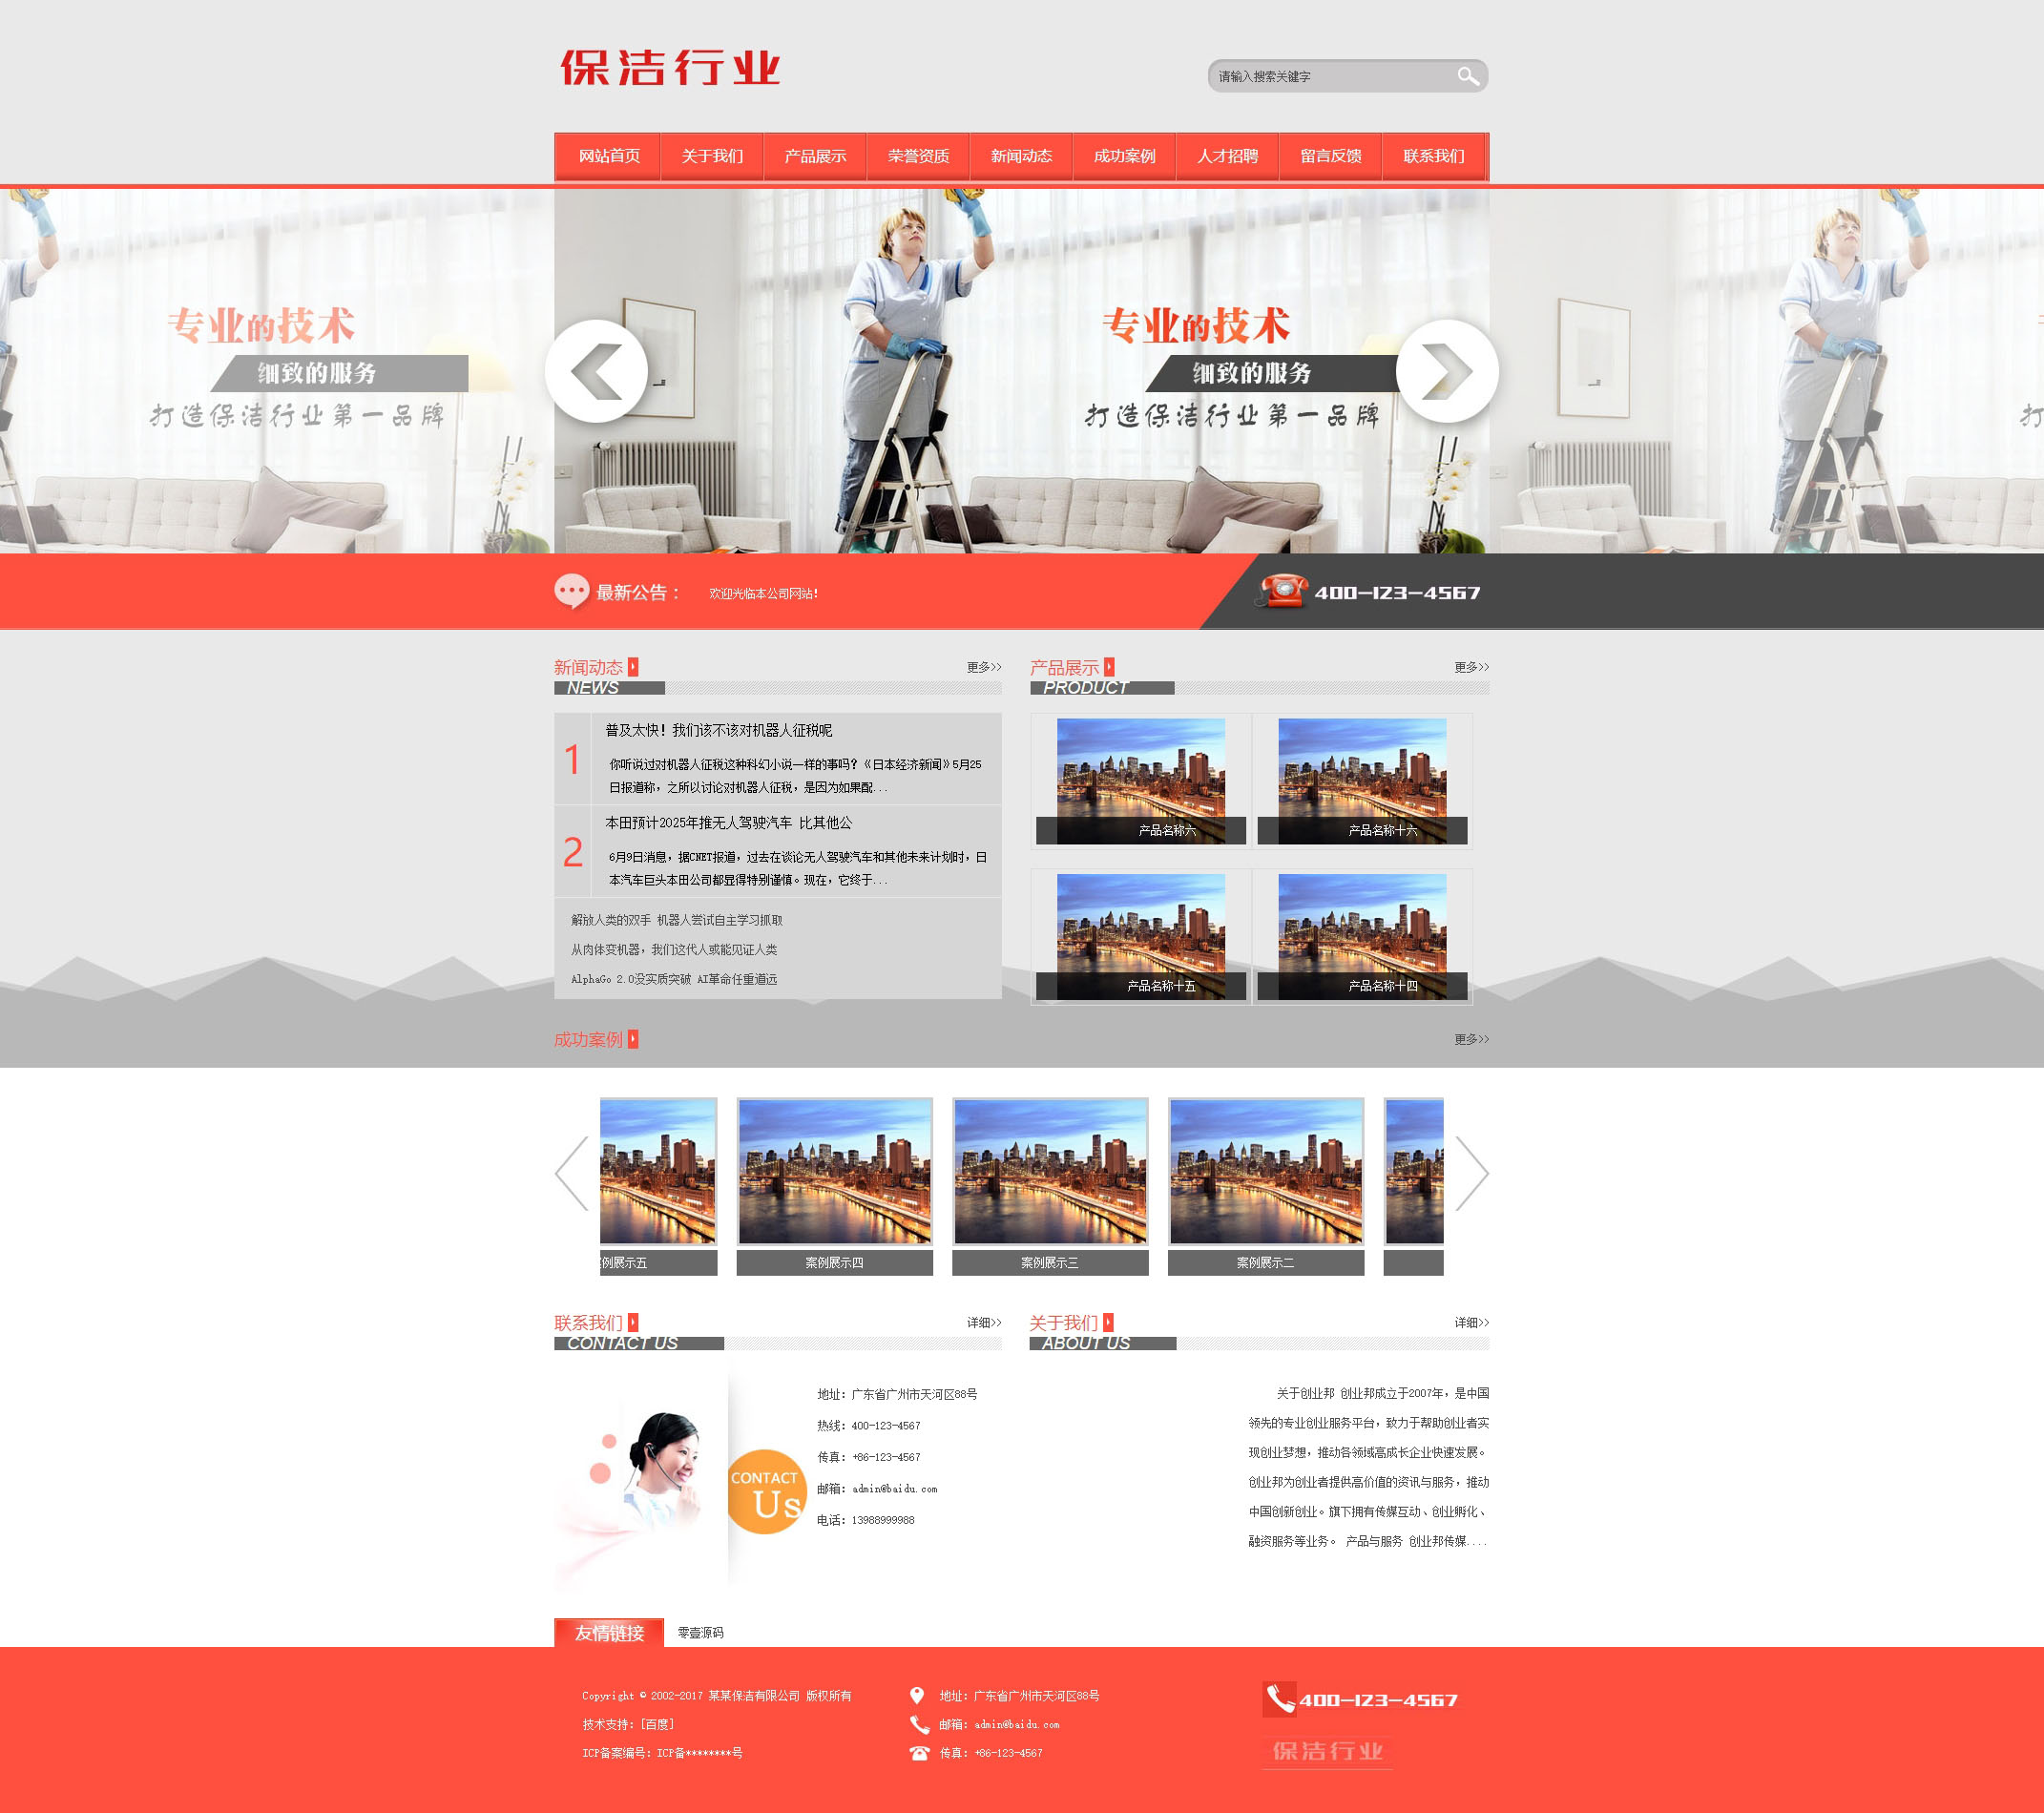 保洁清洁服务行业类网站织梦dedecms模板(带手机端)